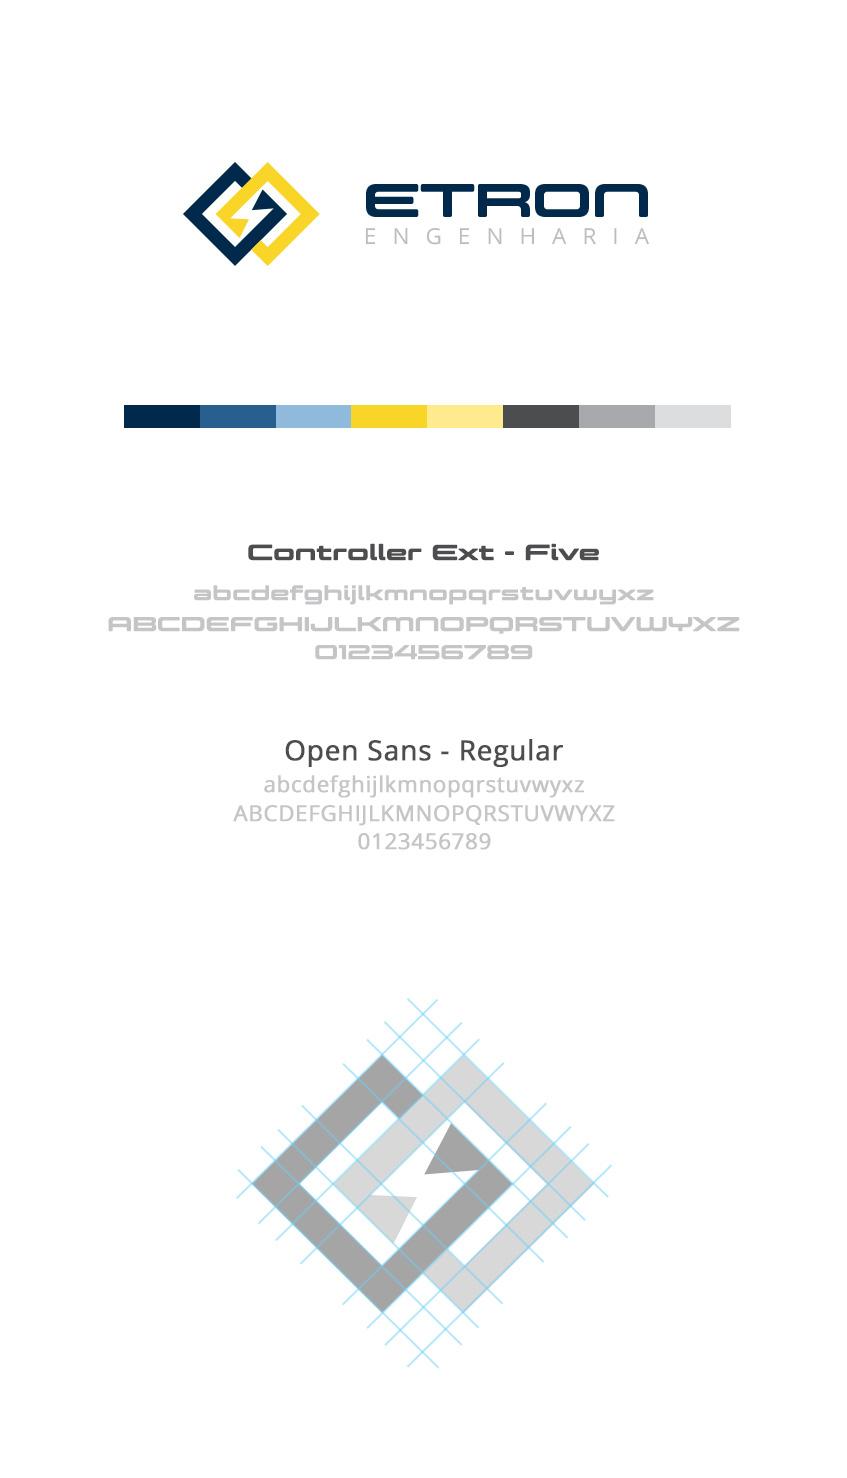 Criação de Logotipo - Etron Engenharia - BuenoSites